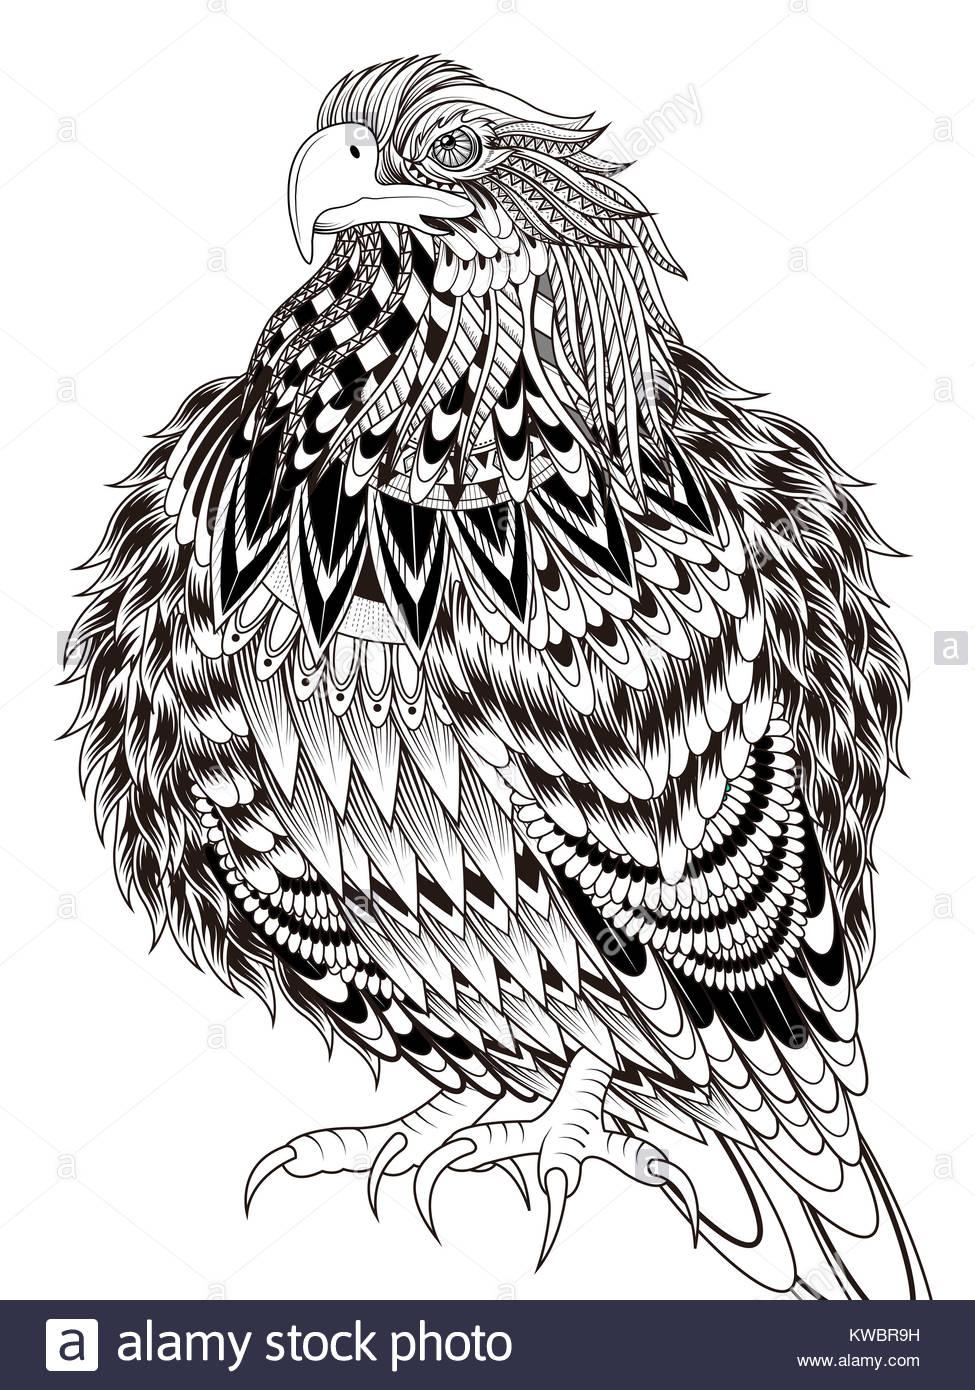 Eagle Vector Imágenes De Stock & Eagle Vector Fotos De Stock - Alamy